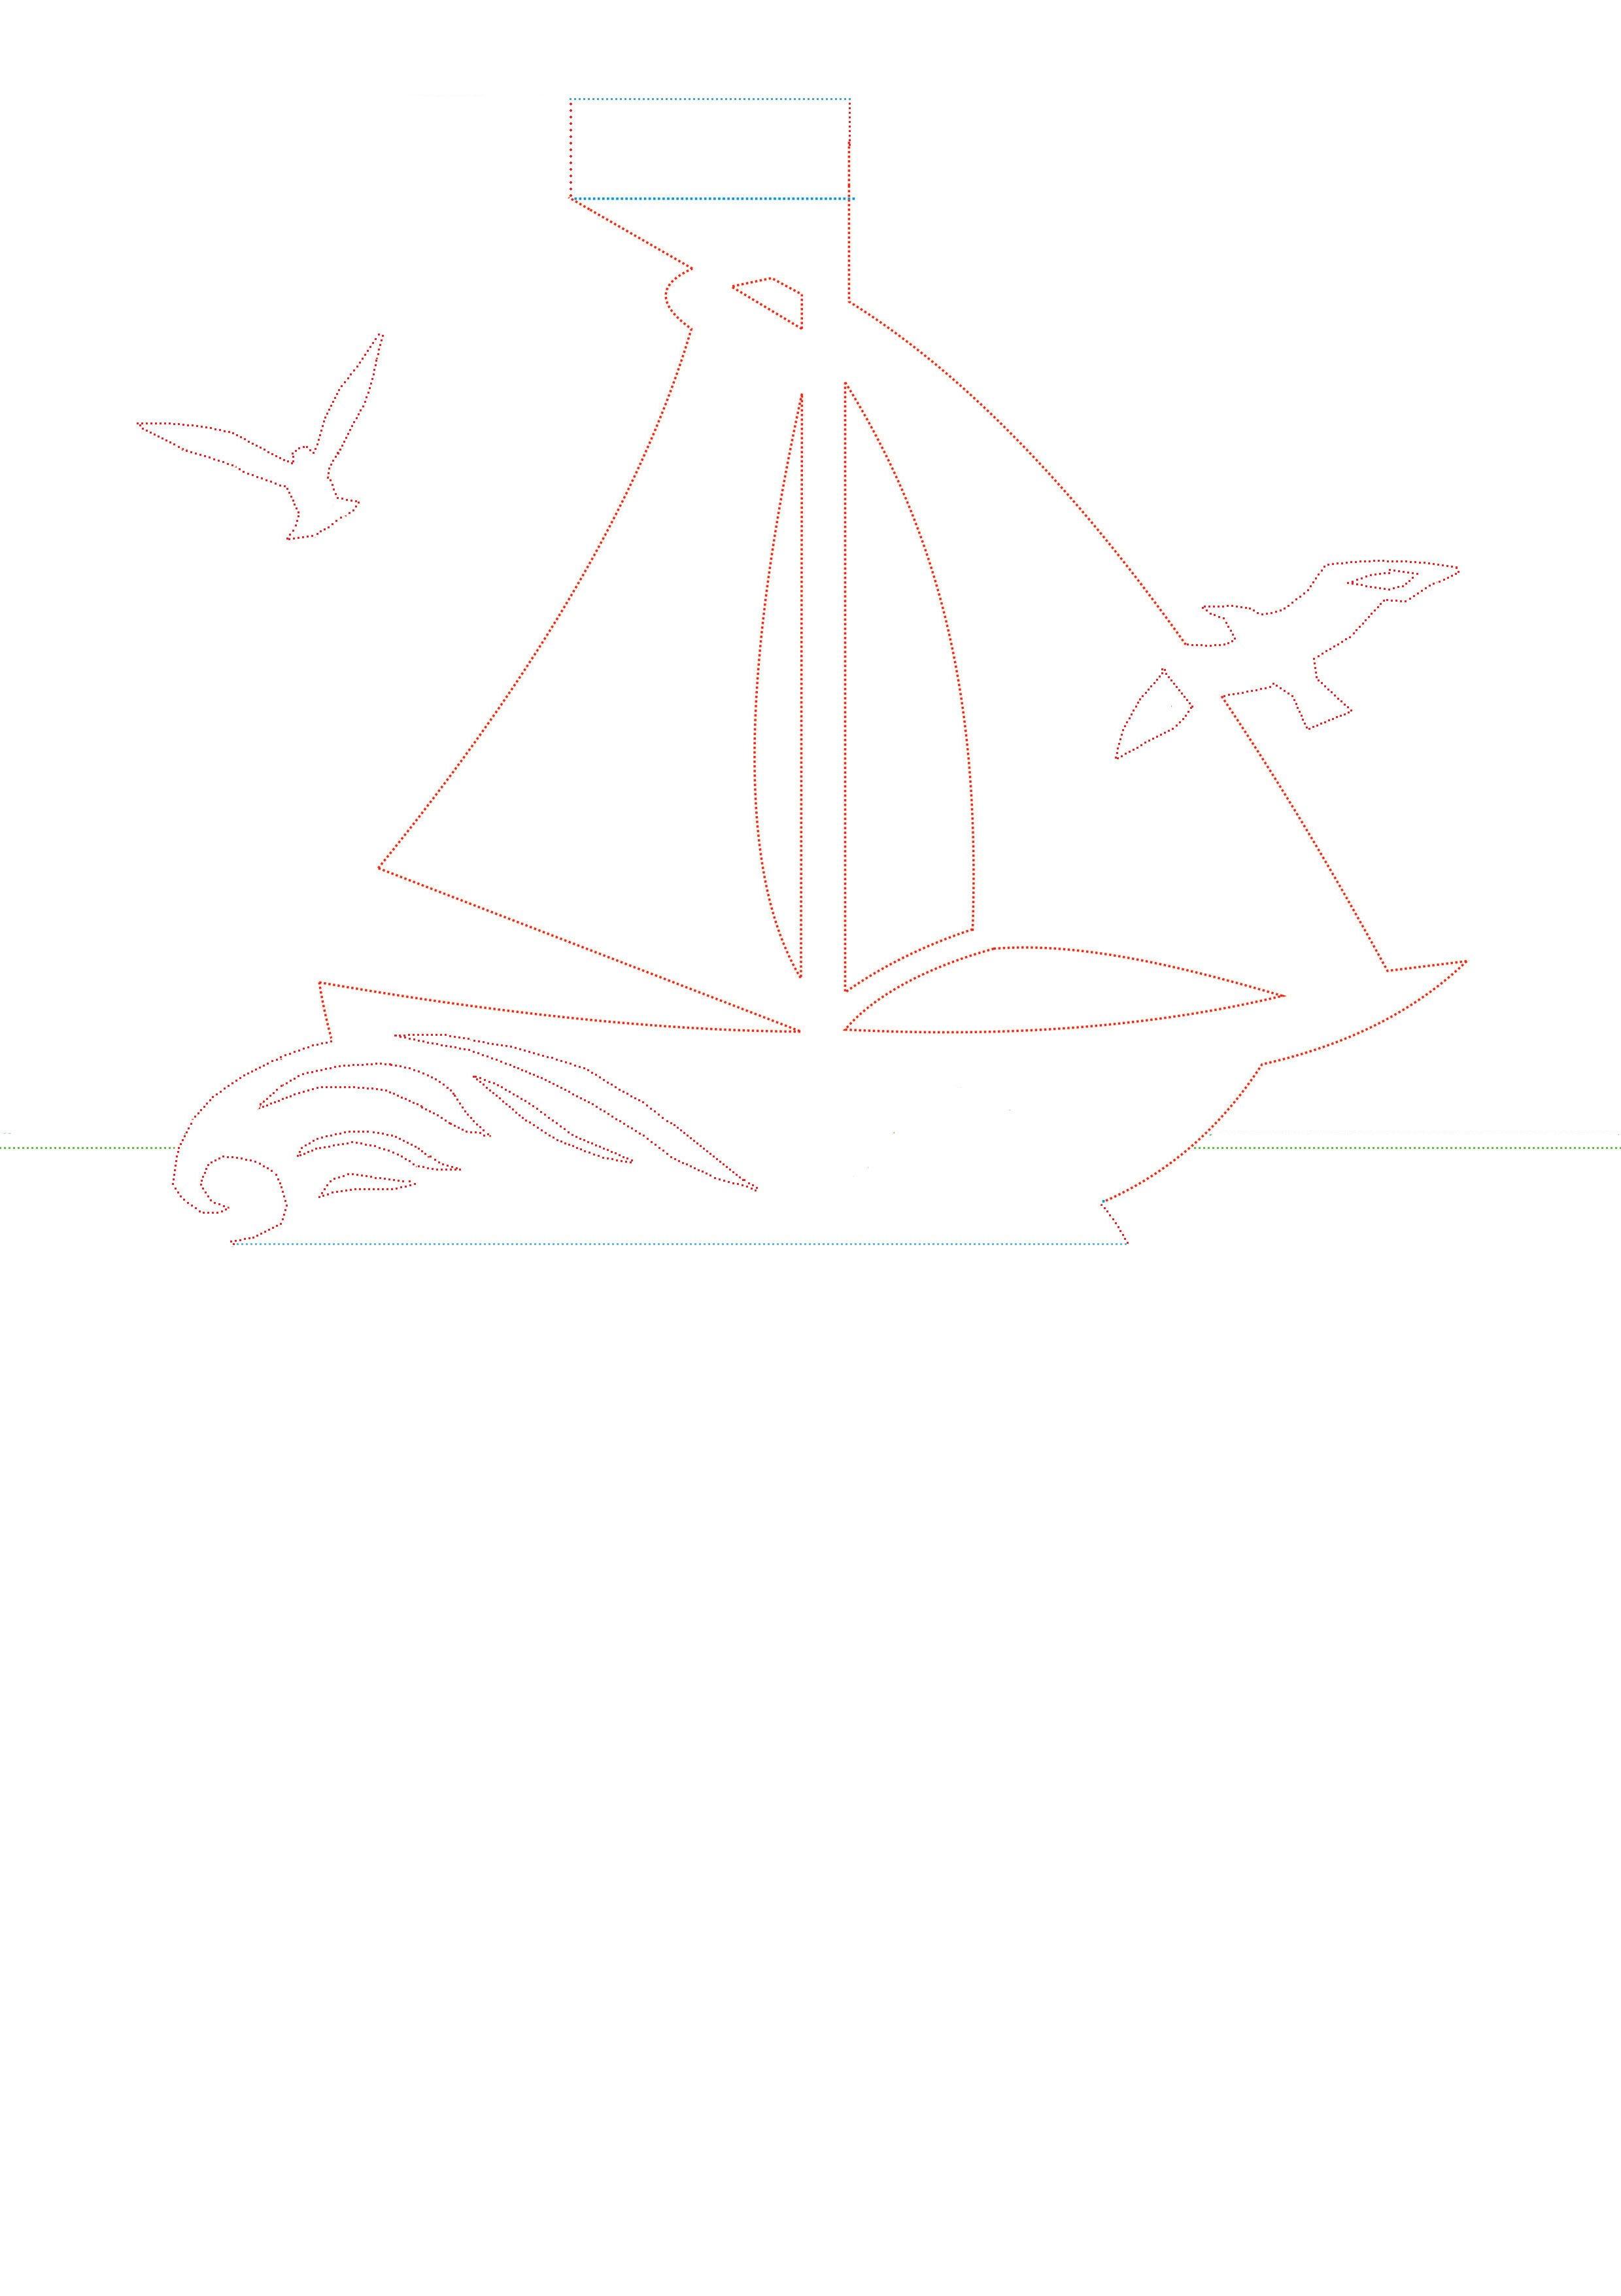 Открытки киригами для начинающих схемы и шаблоны 12